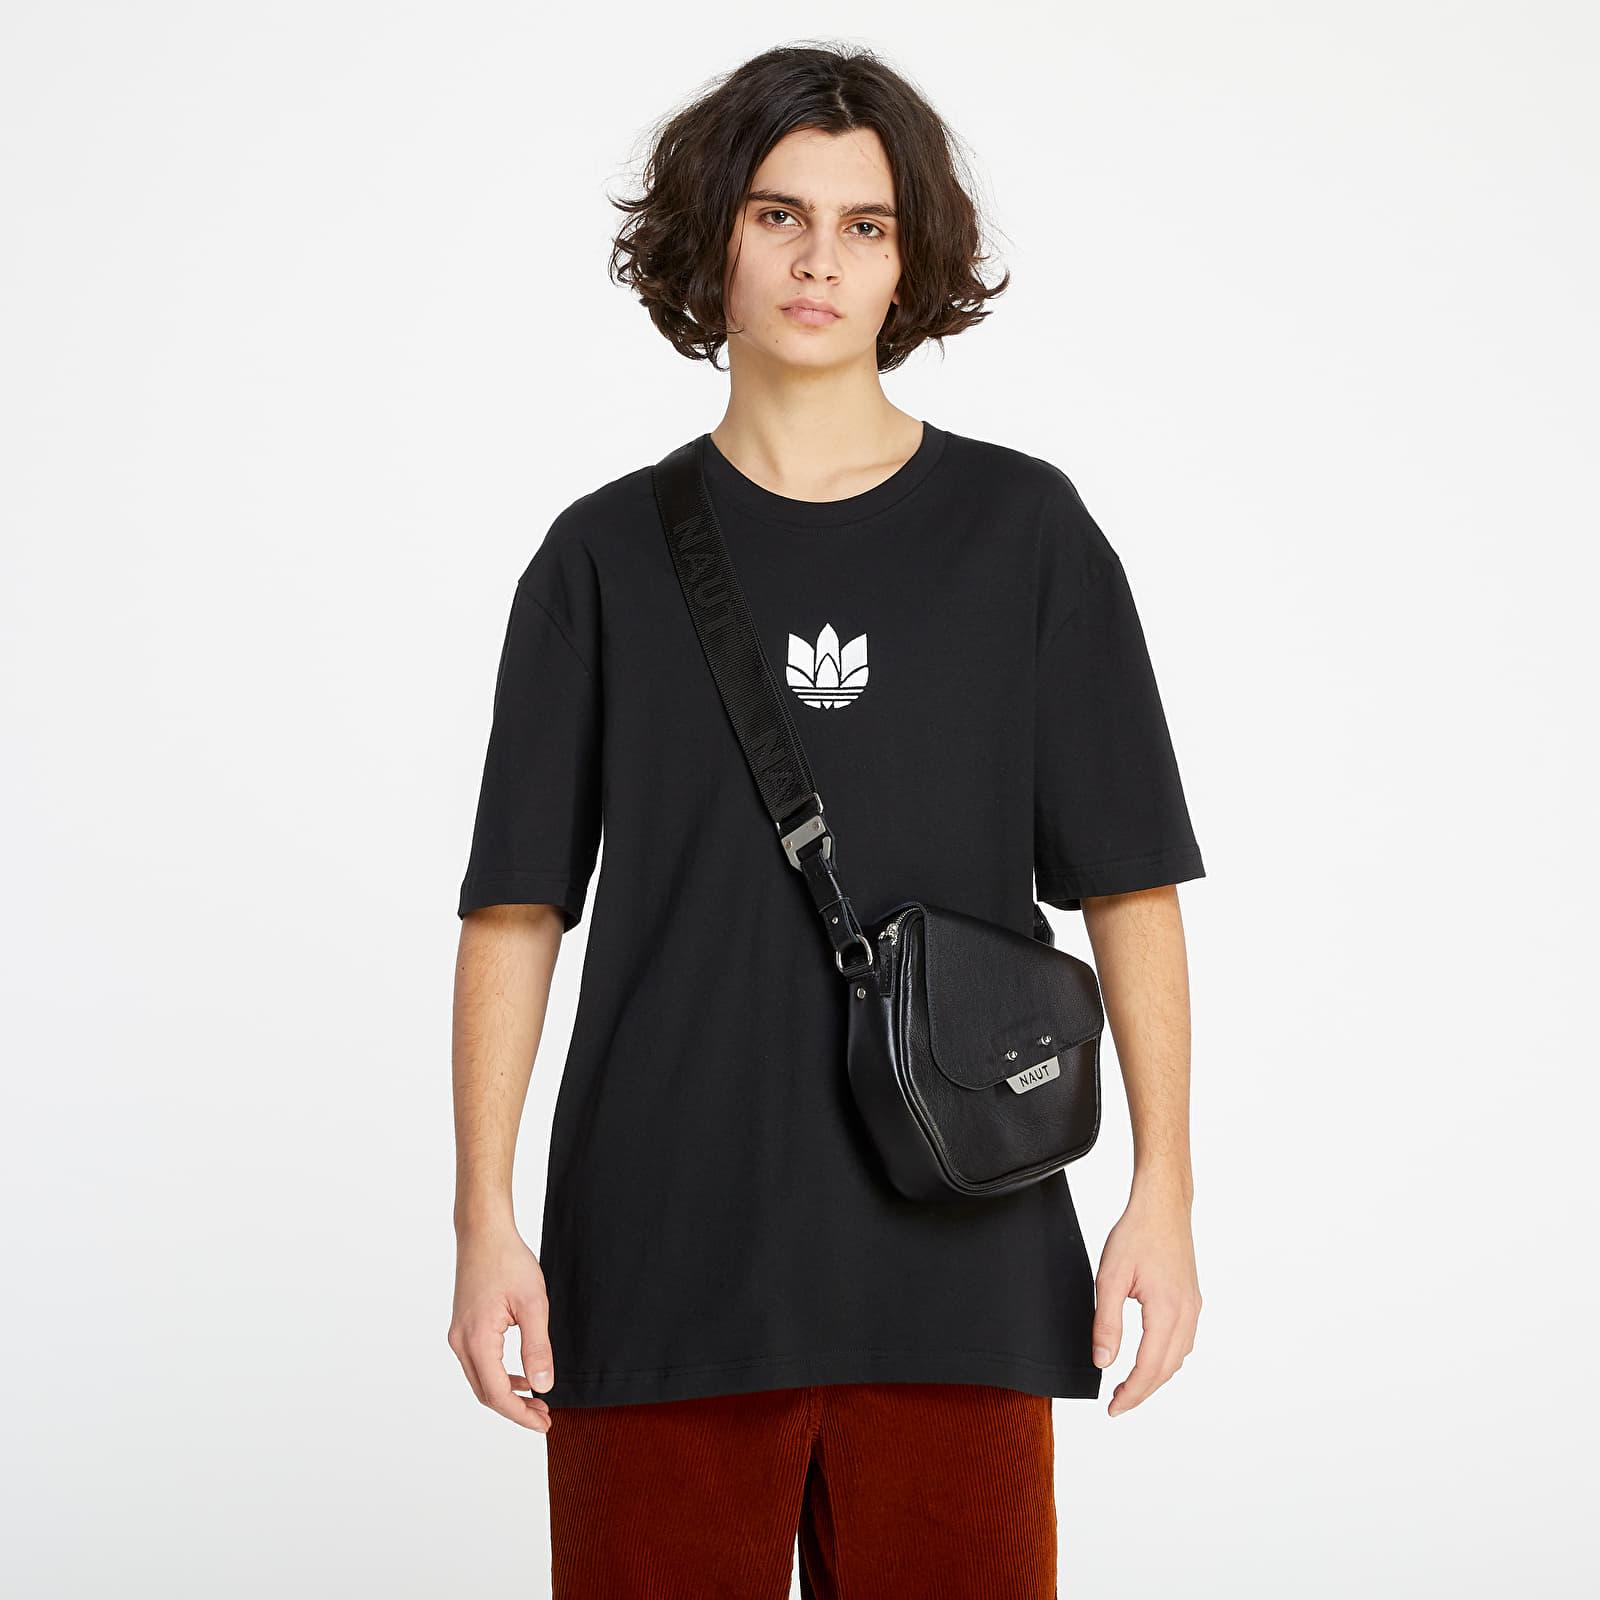 adidas 3D Trefoil Tee Black/ White EUR S